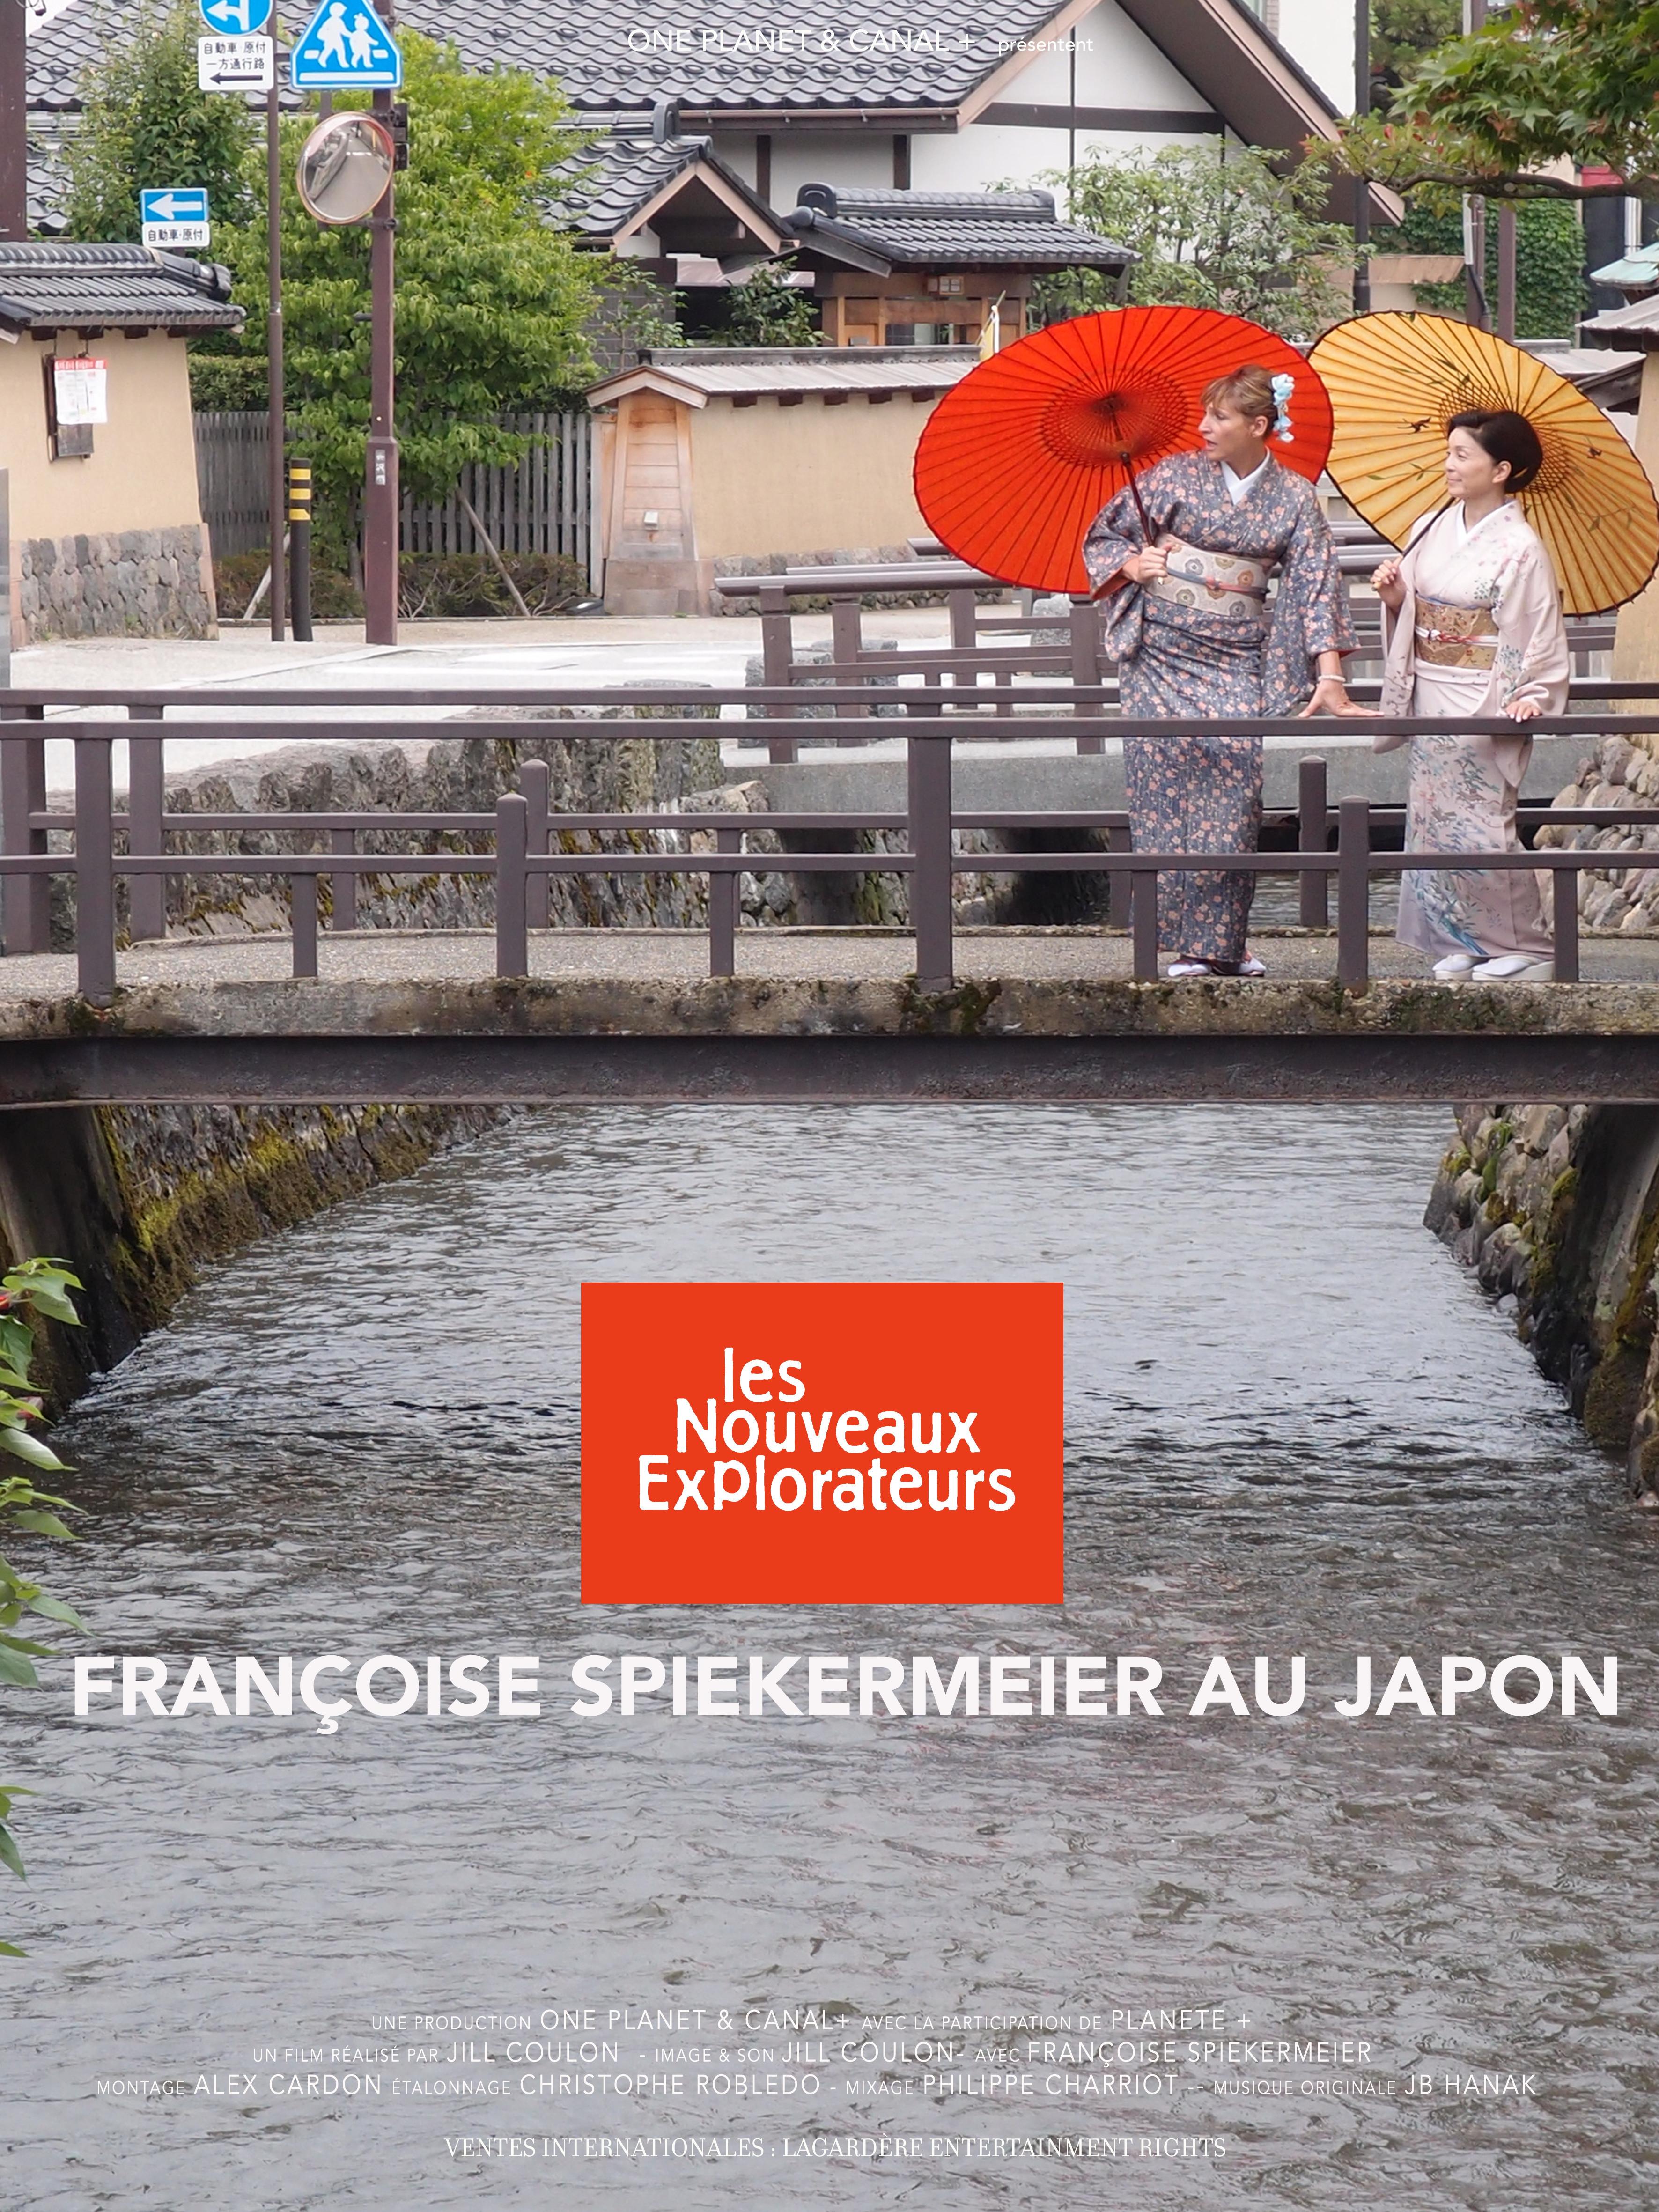 Les Nouveaux Explorateurs - Françoise Spiekermeier au Japon